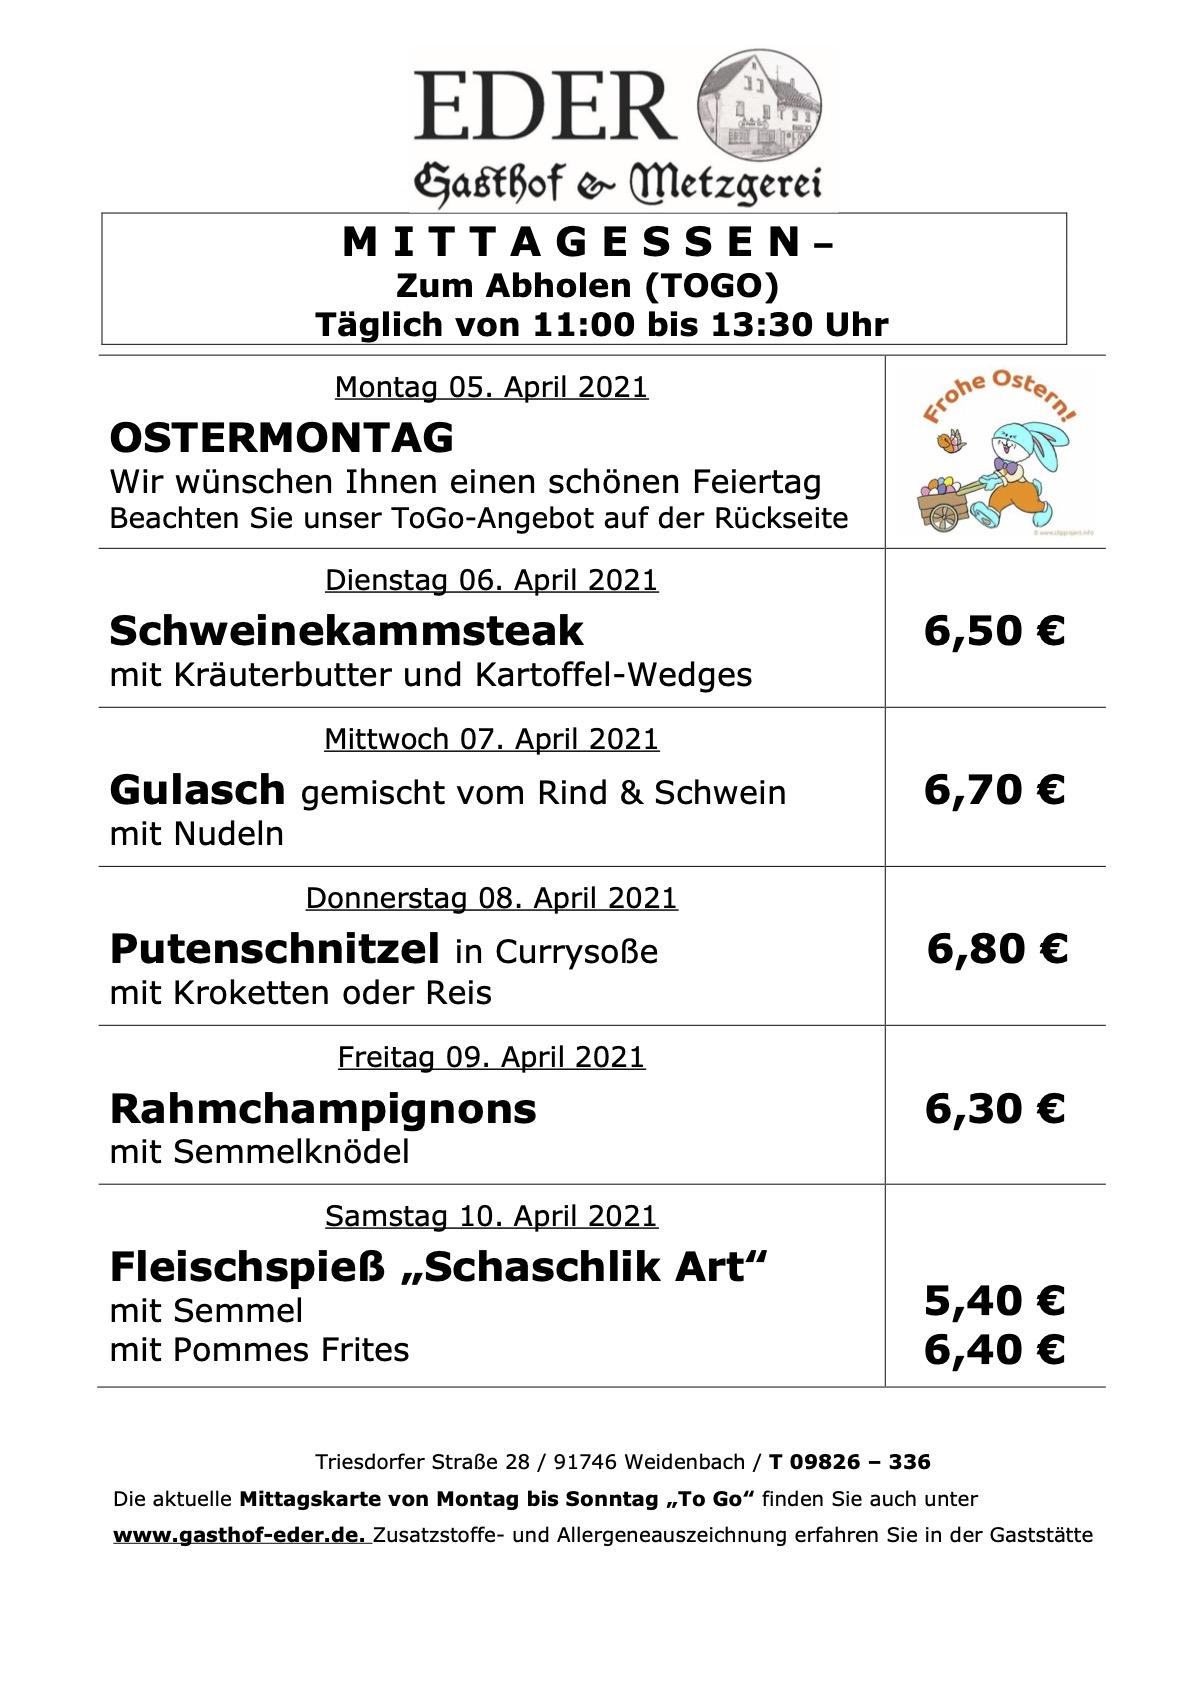 KW_14_Wochenangebot To Go_Gaststätte